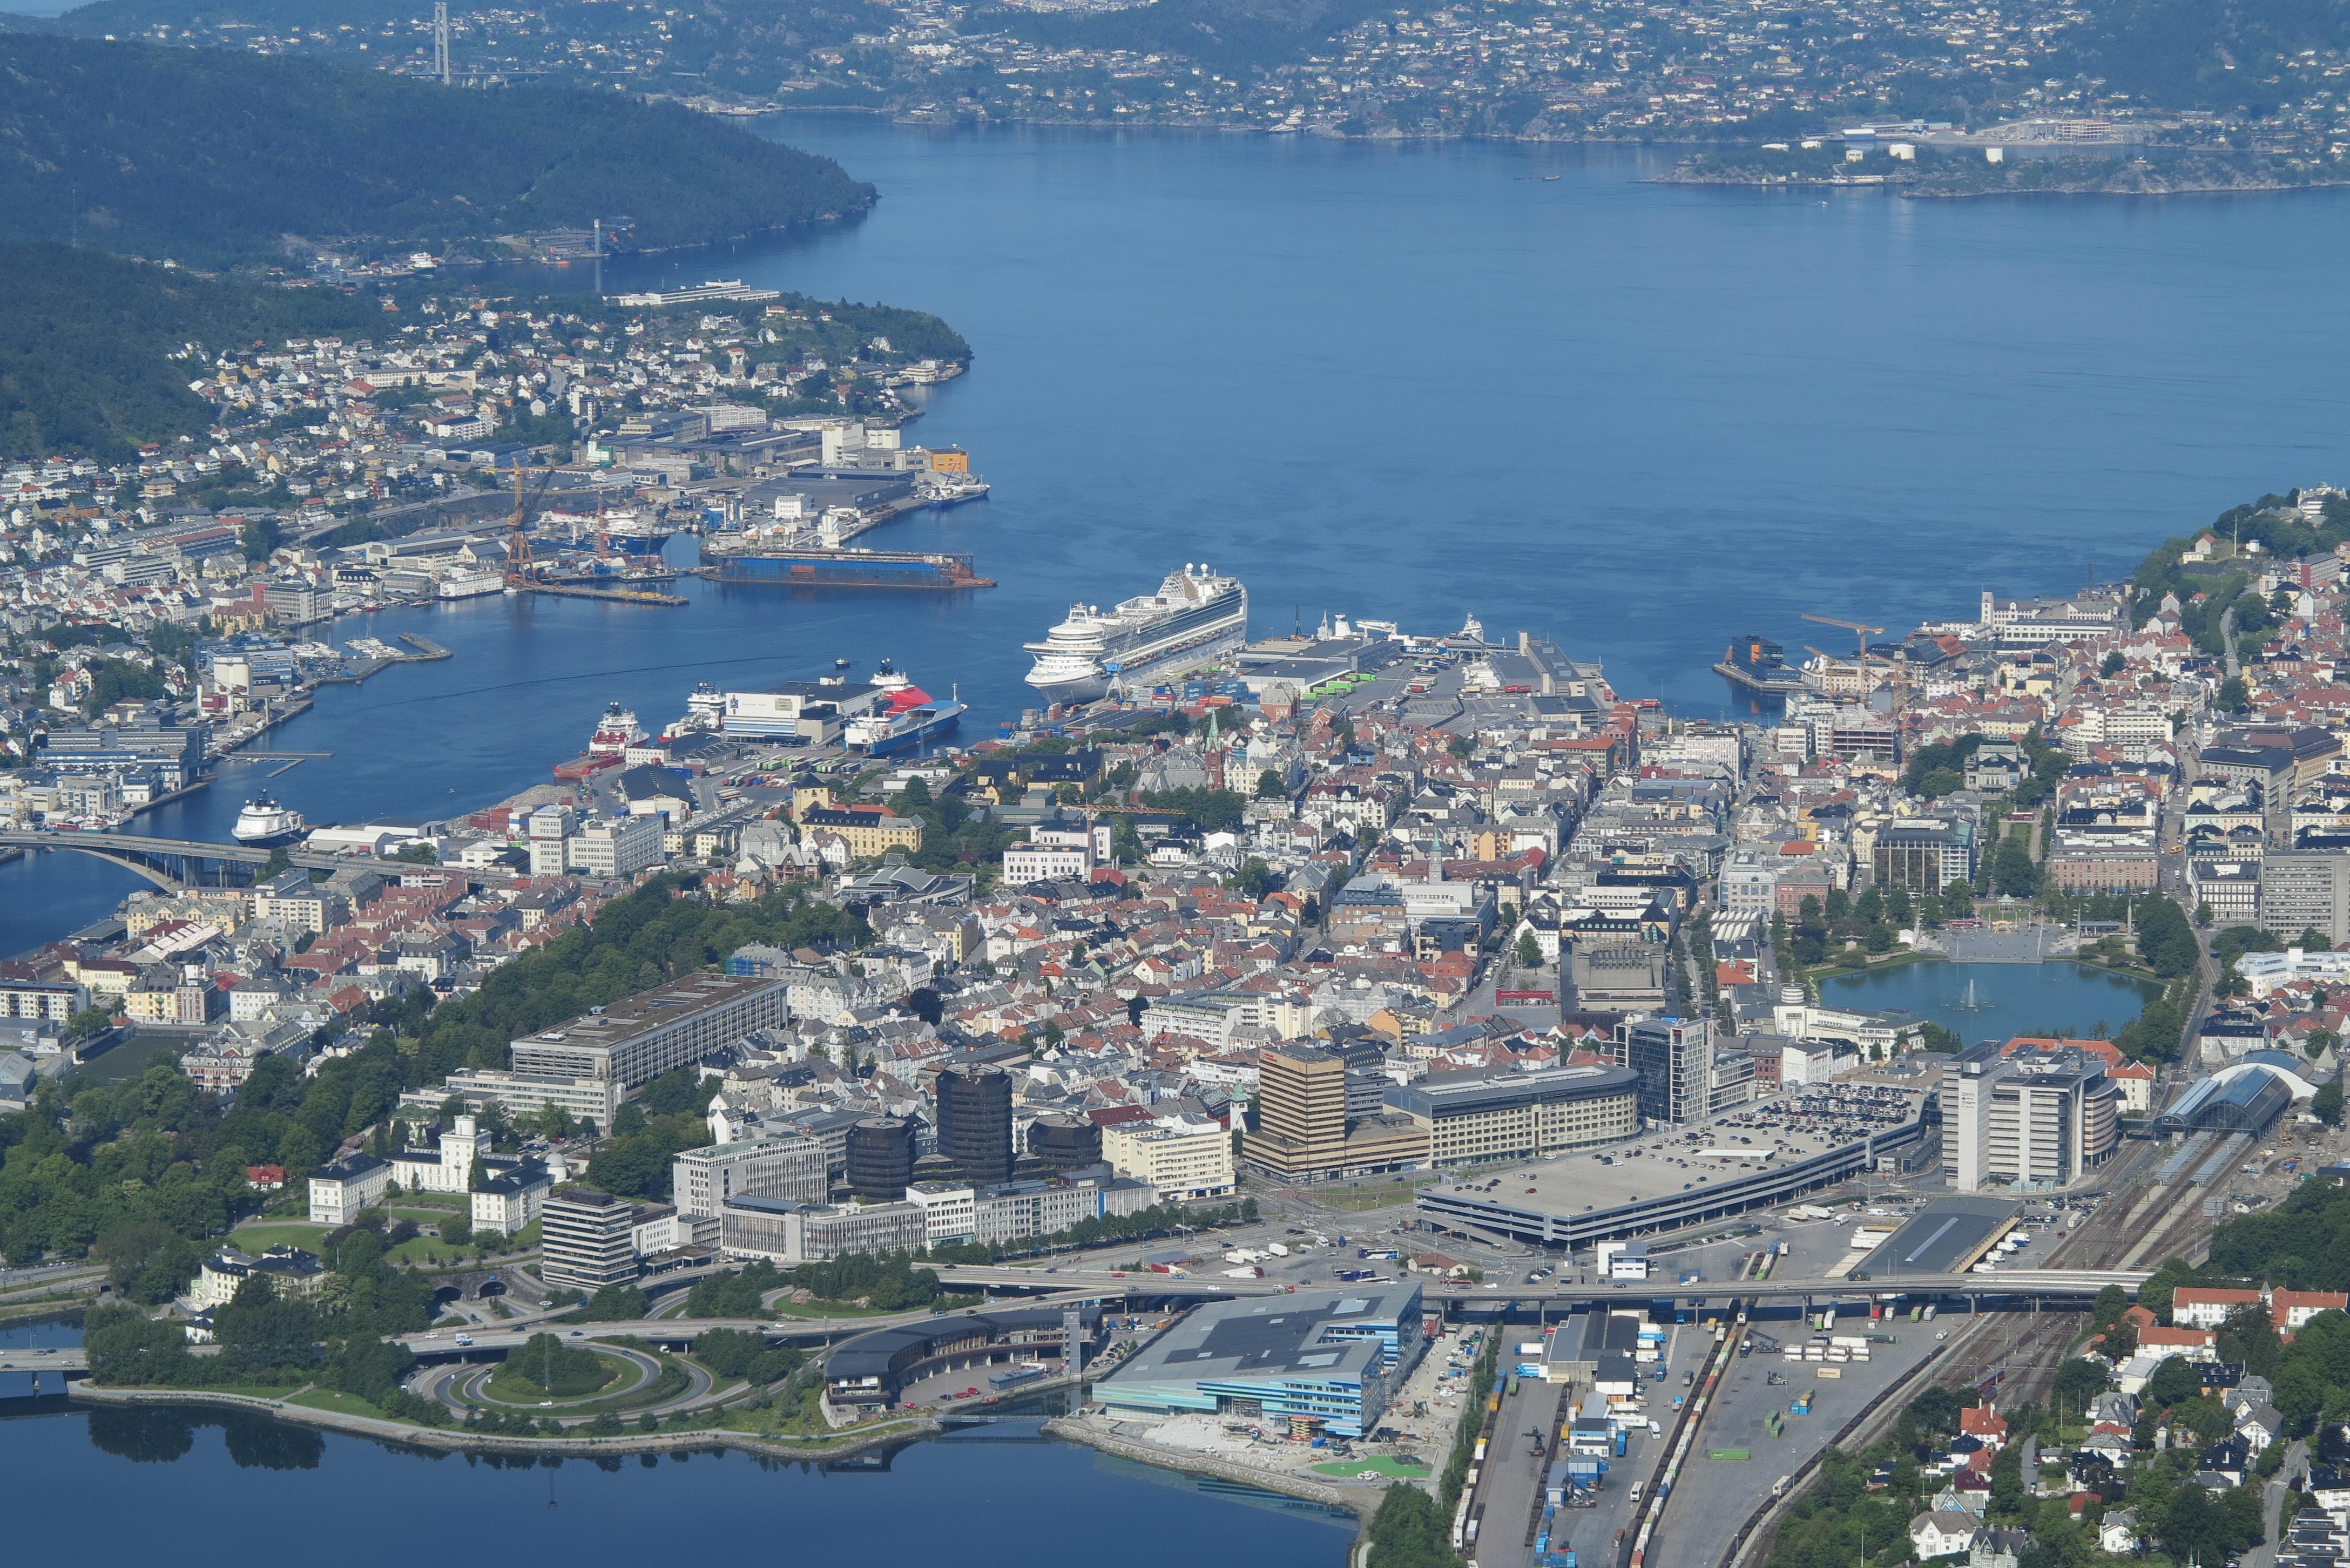 Peak viewing: Bergen as seen from the top of Mount Ulriken